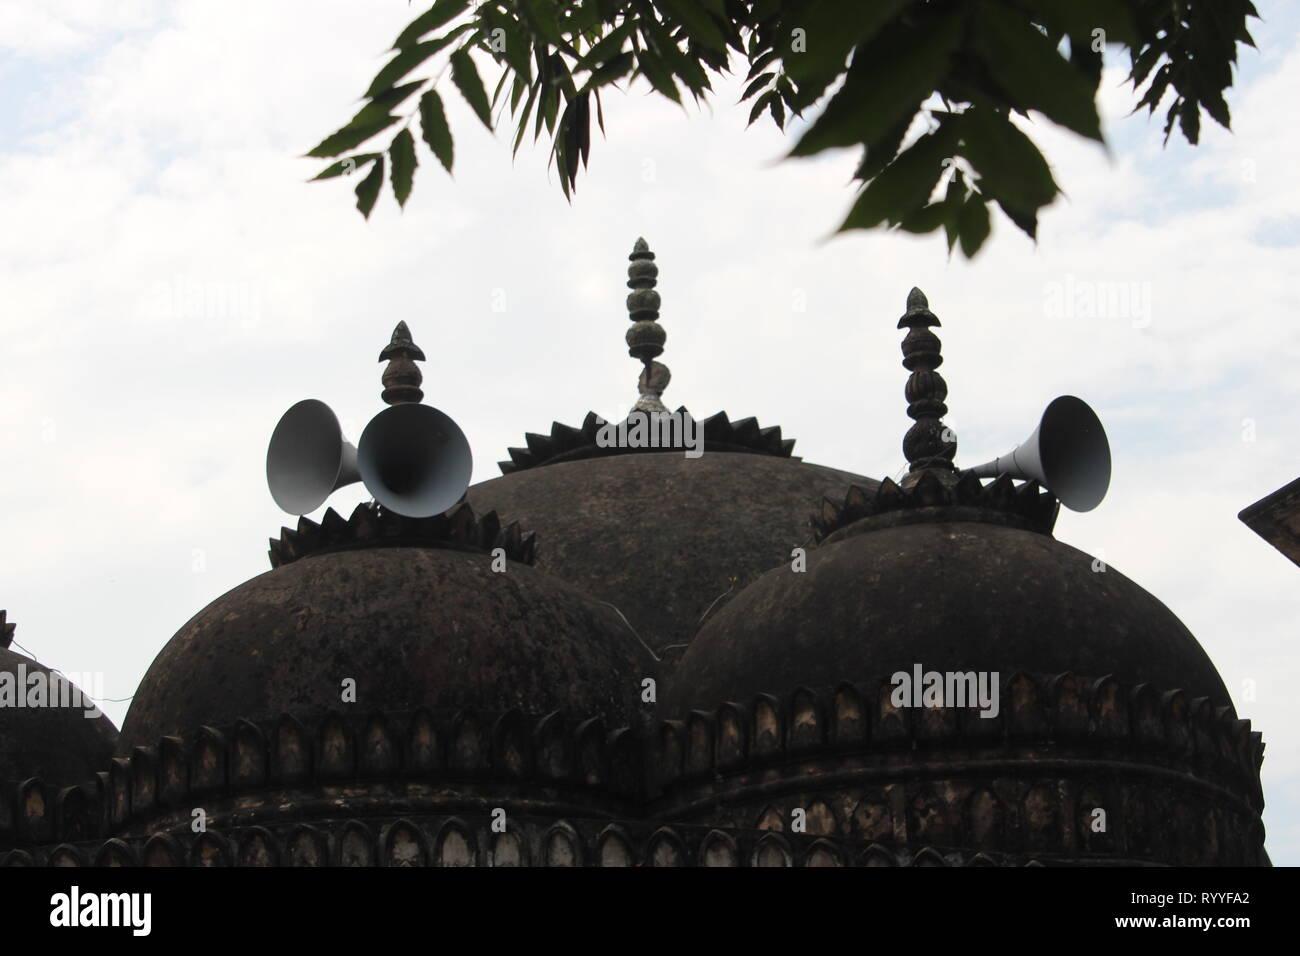 Atia Mosque - Stock Image